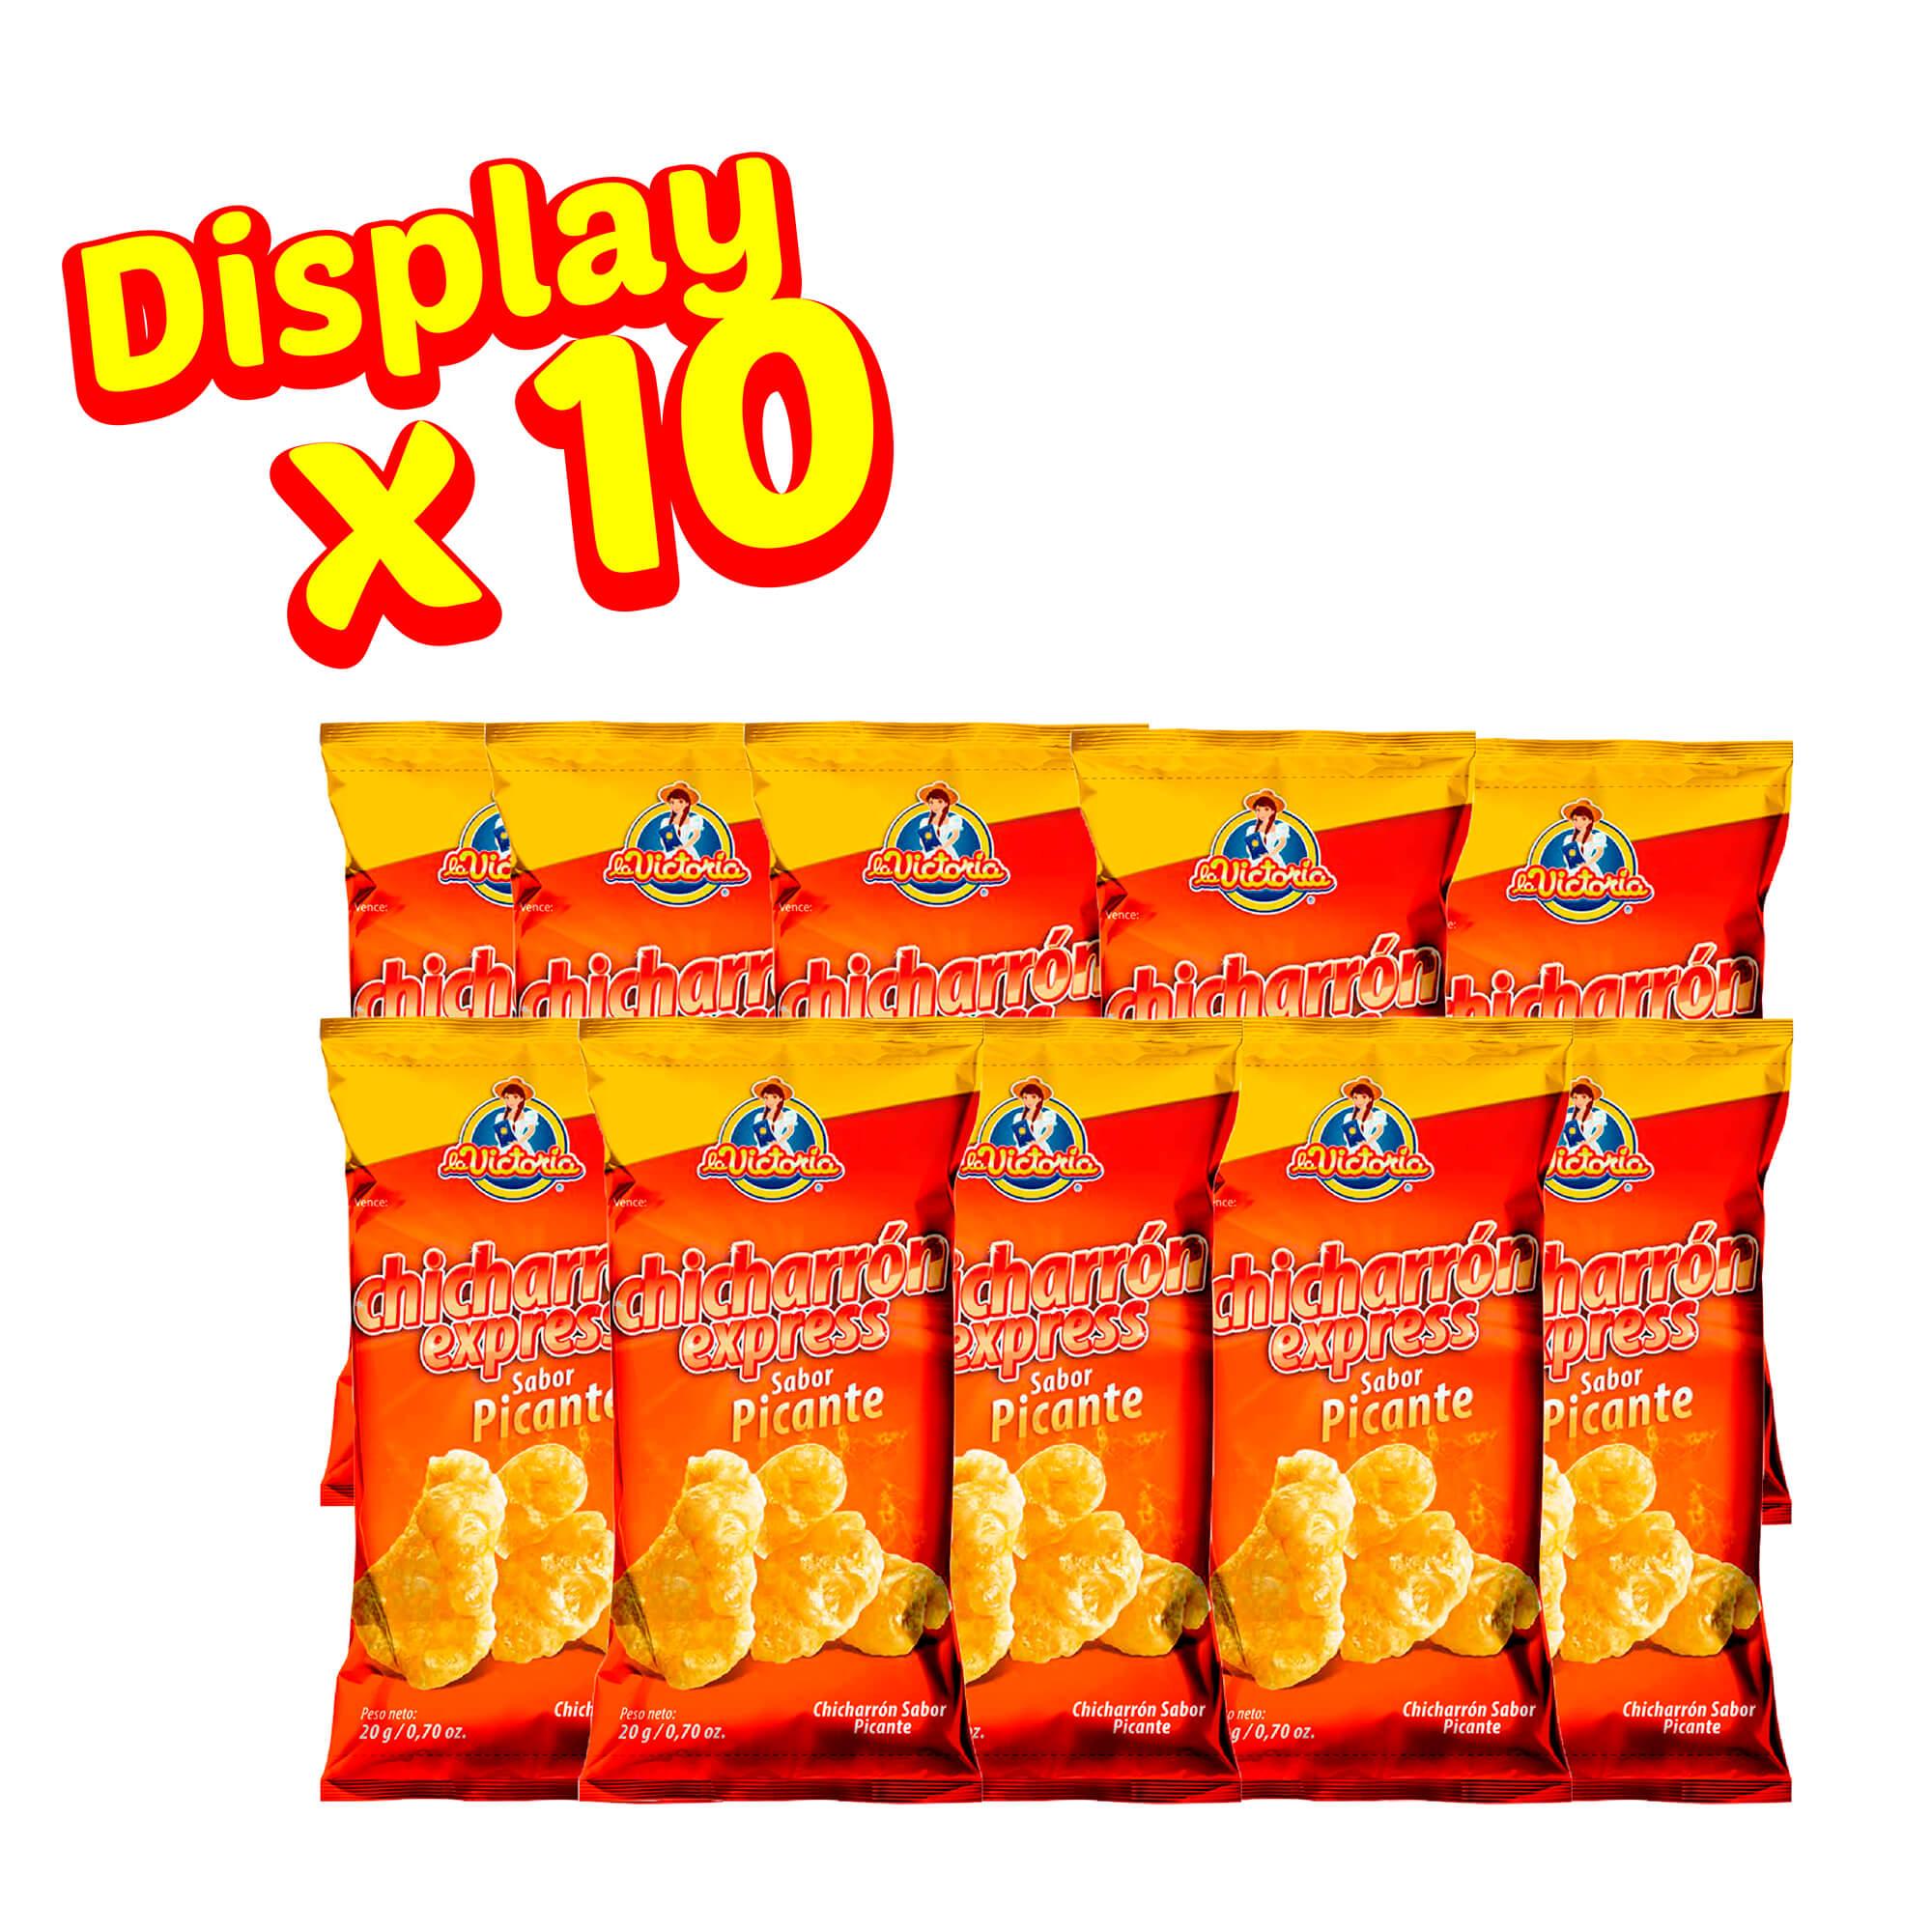 Chicharrón Express Picante 20 gr. (Display x 10 UND.)_2